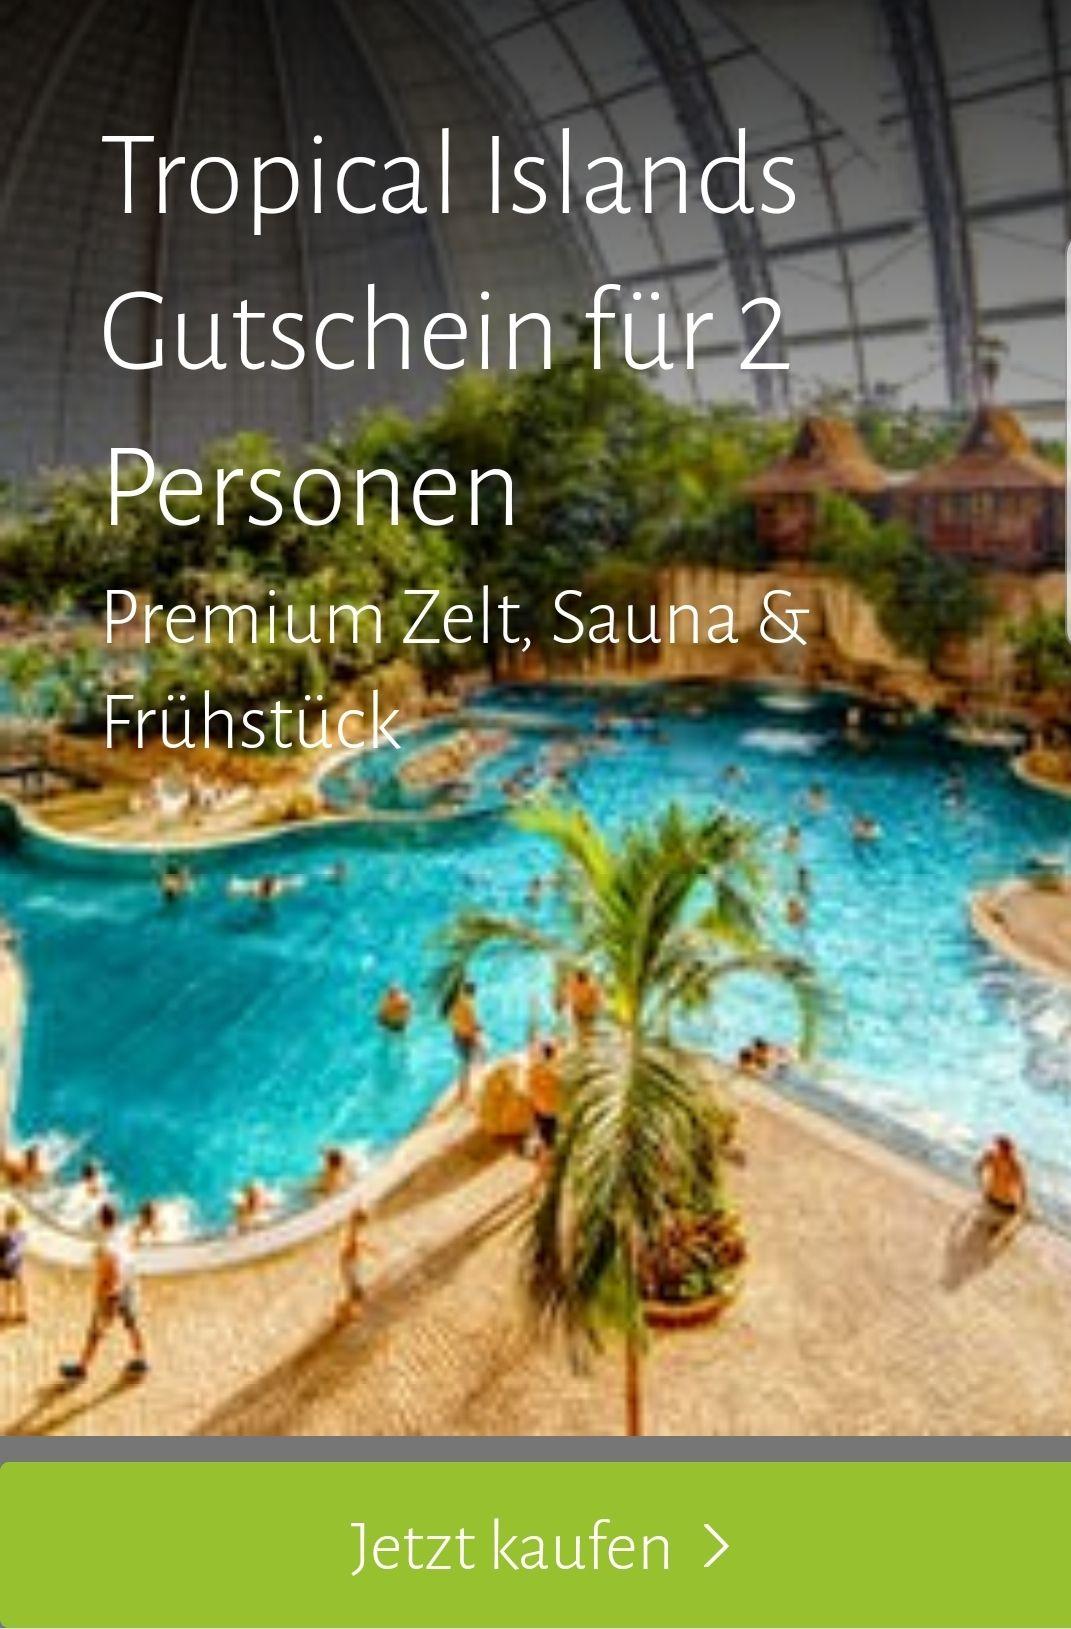 Tropical Islands Gutschein für eine Übernachtung mit 2 Personen im Premium Zelt für nur 108,- Euro